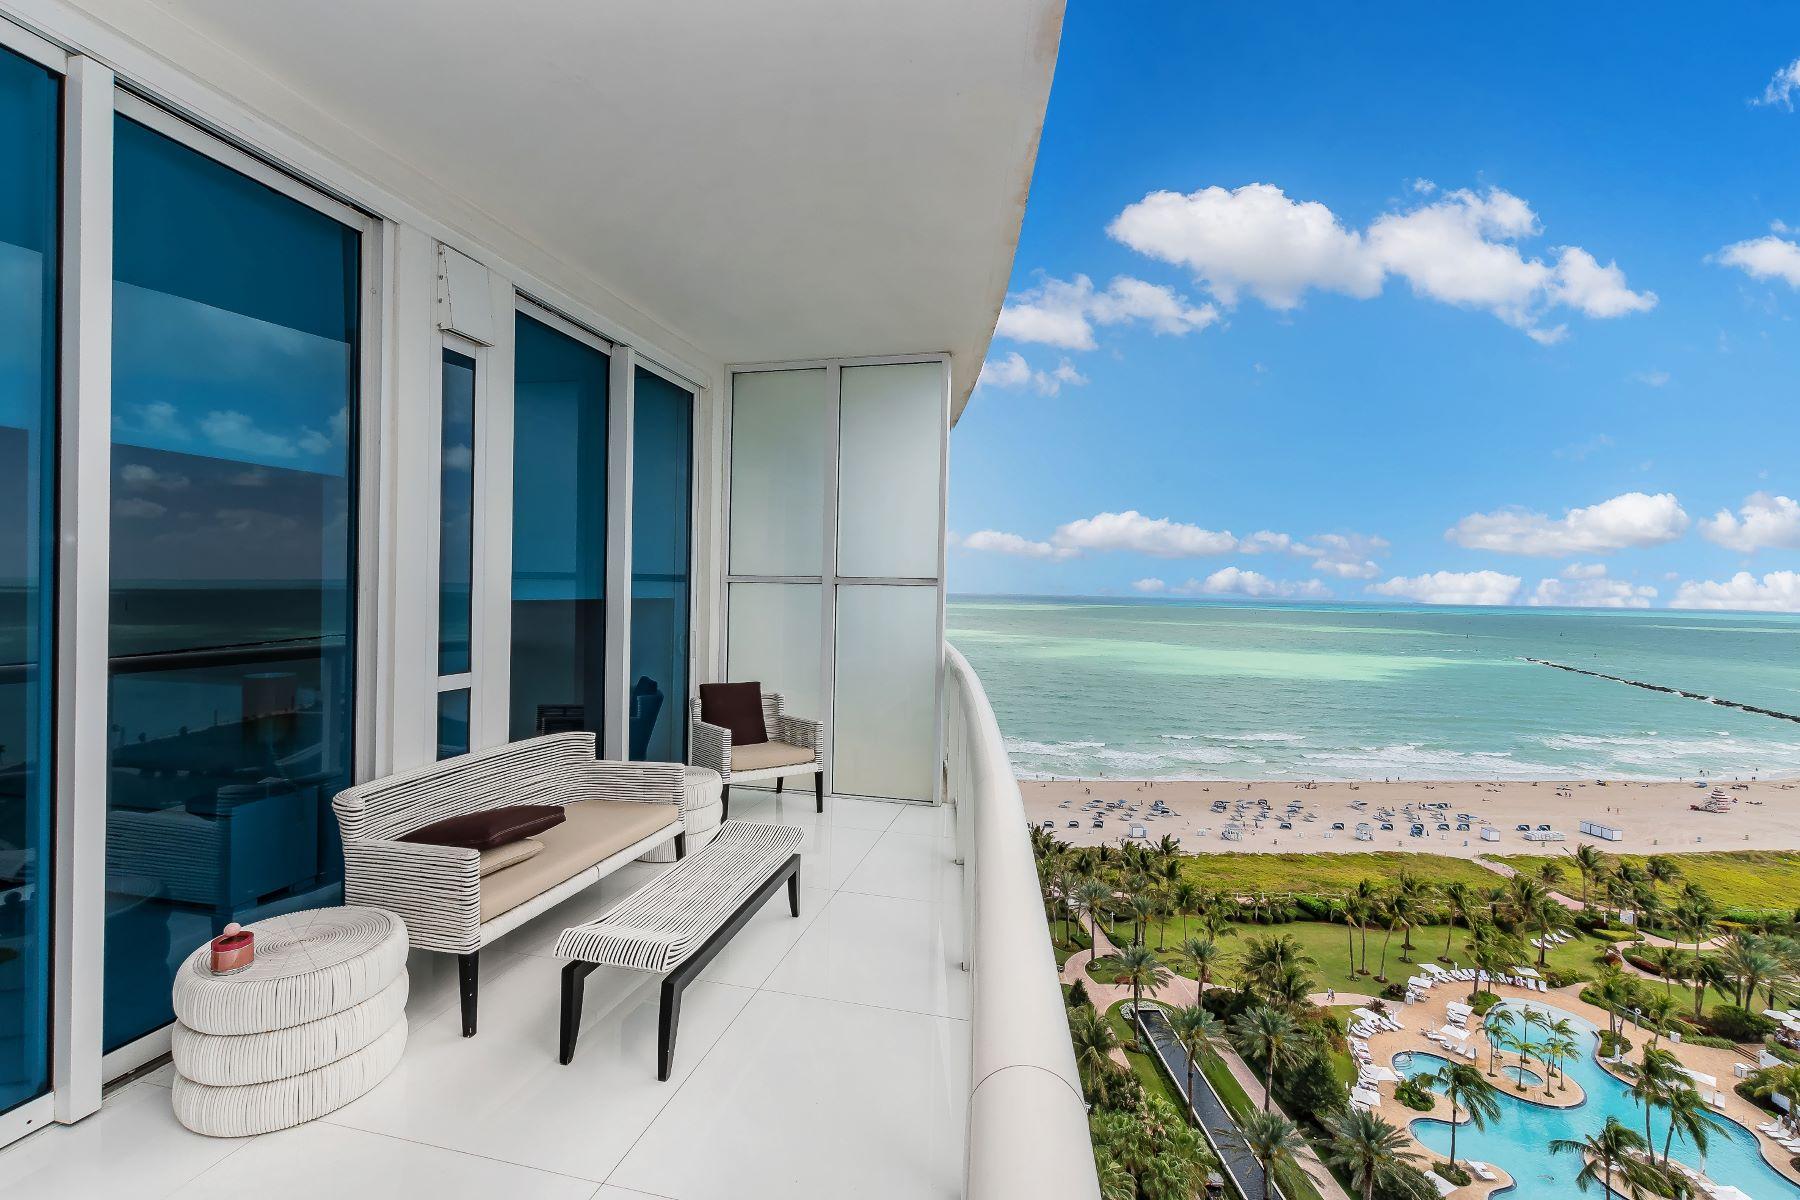 Кондоминиум для того Продажа на 50 S Pointe Dr 50 S Pointe Dr 2003, Miami Beach, Флорида, 33139 Соединенные Штаты